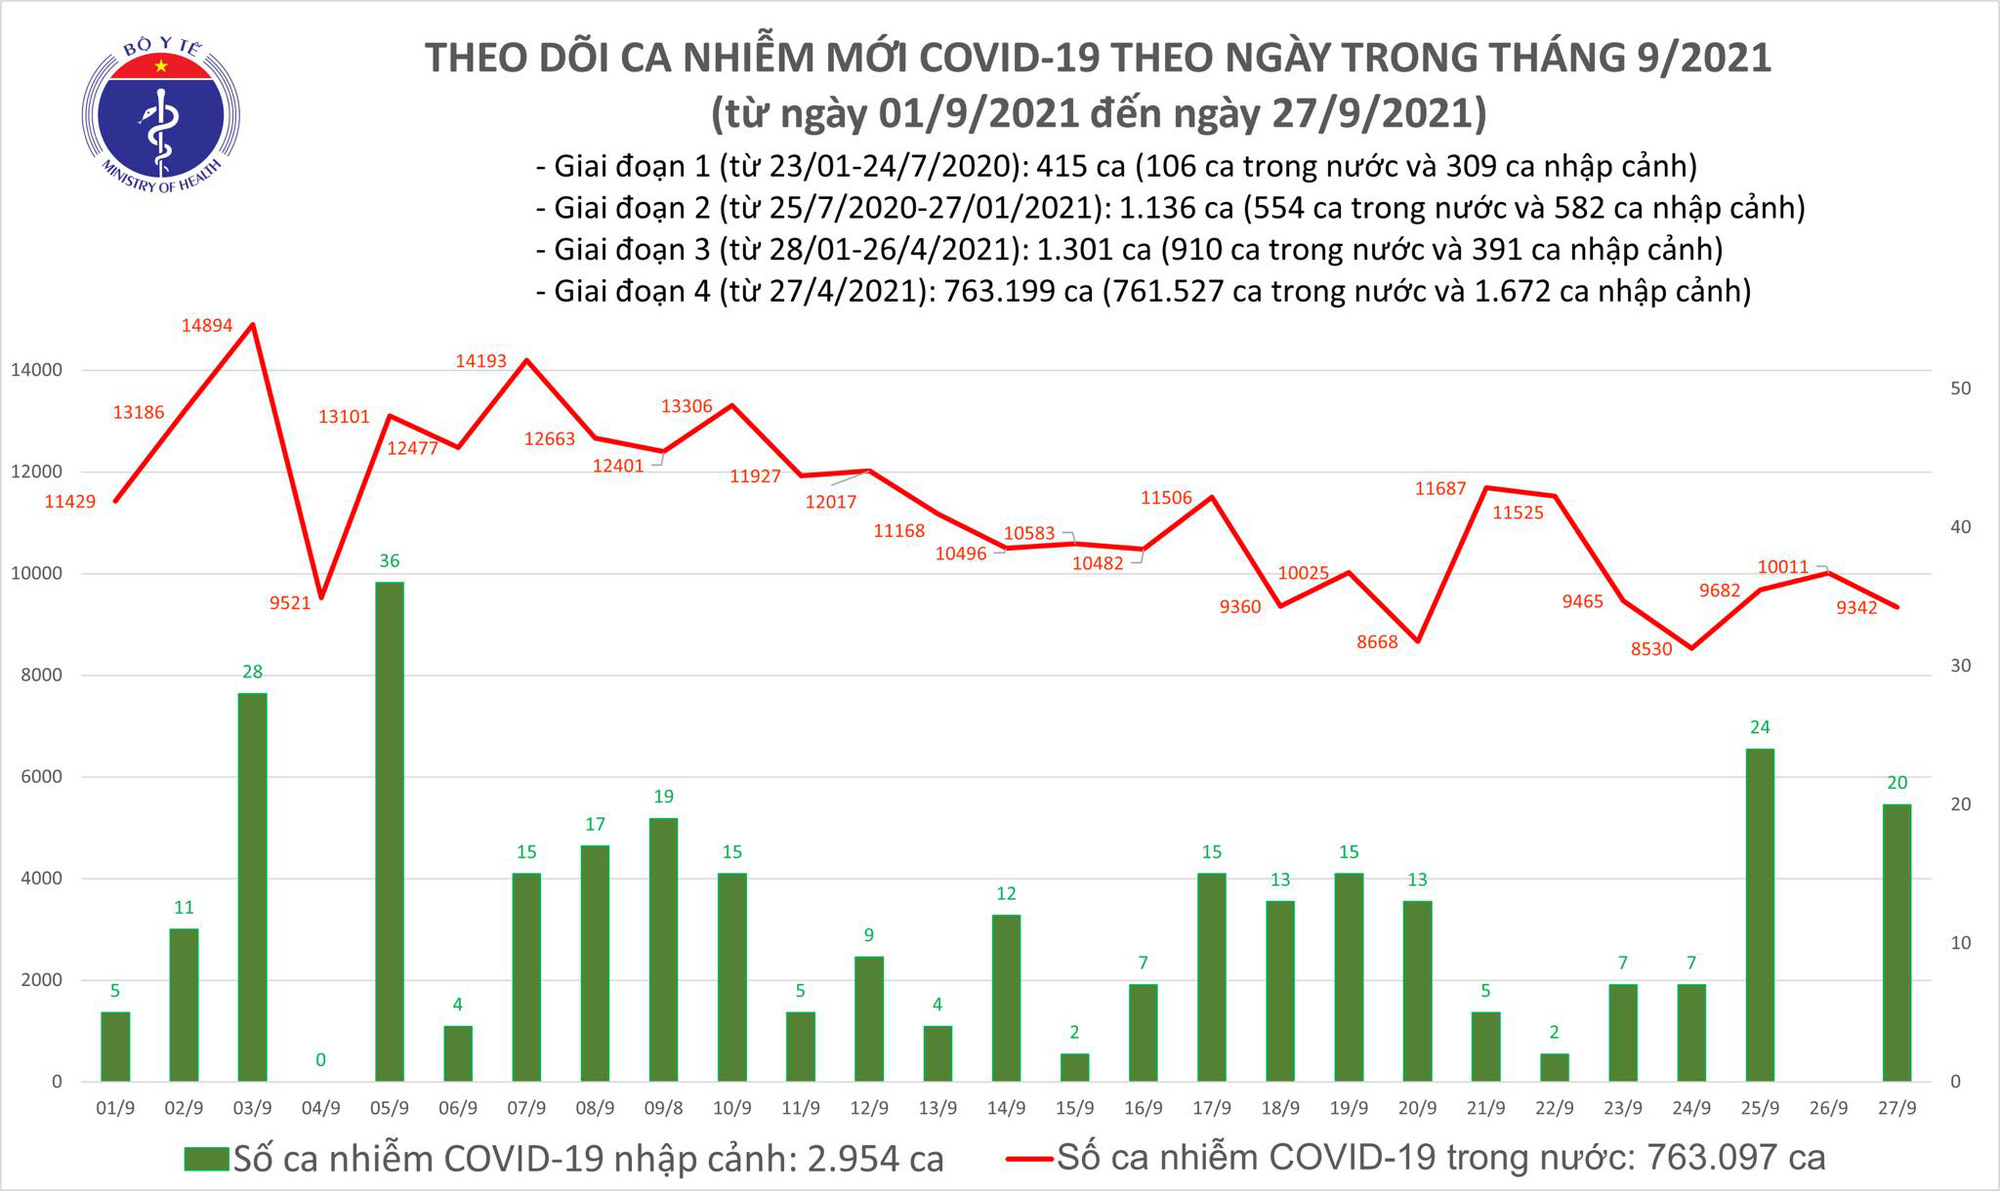 Ngày 27/9: Có 9.362 ca mắc COVID-19 tại TP HCM, Bình Dương và 34 tỉnh, thành phố - Ảnh 2.